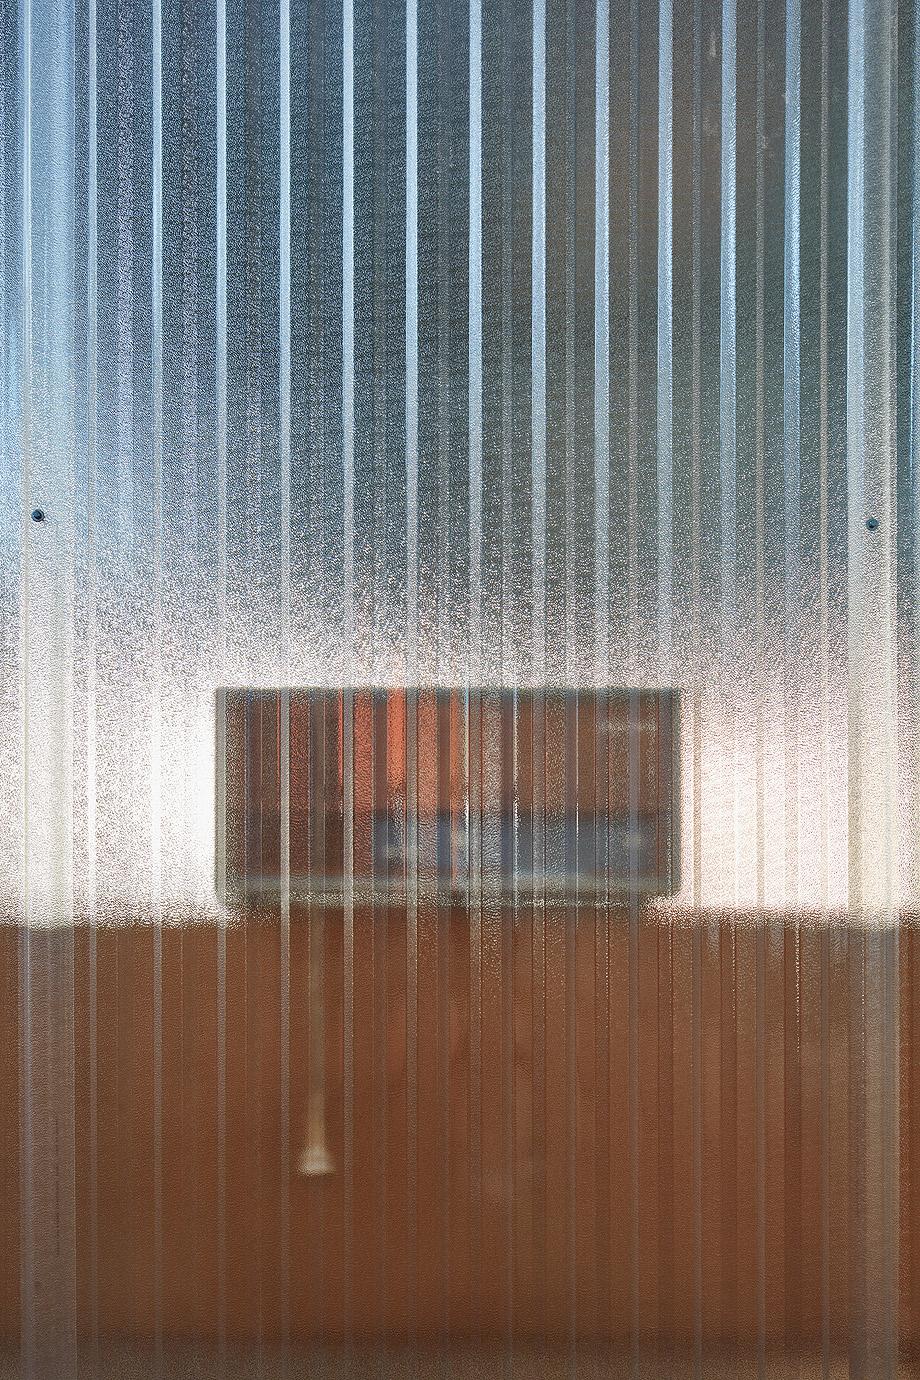 oficinas sinnerschrader por kurz architects - foto boysplaynice (23)